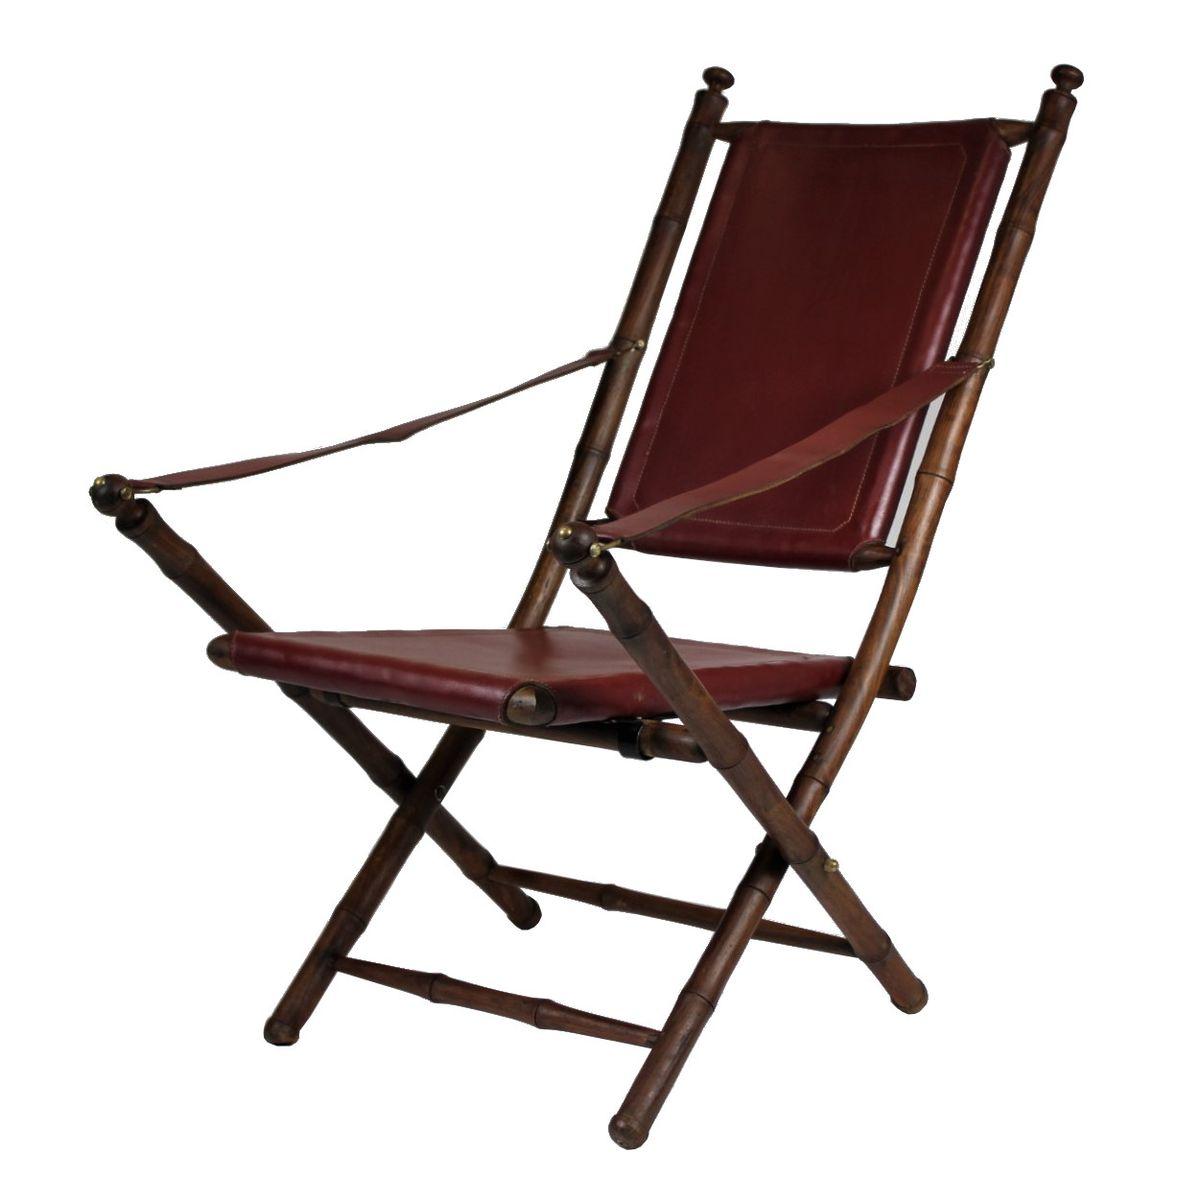 Chaise de campagne pliante 1950s en vente sur pamono - Chaise de campagne ...